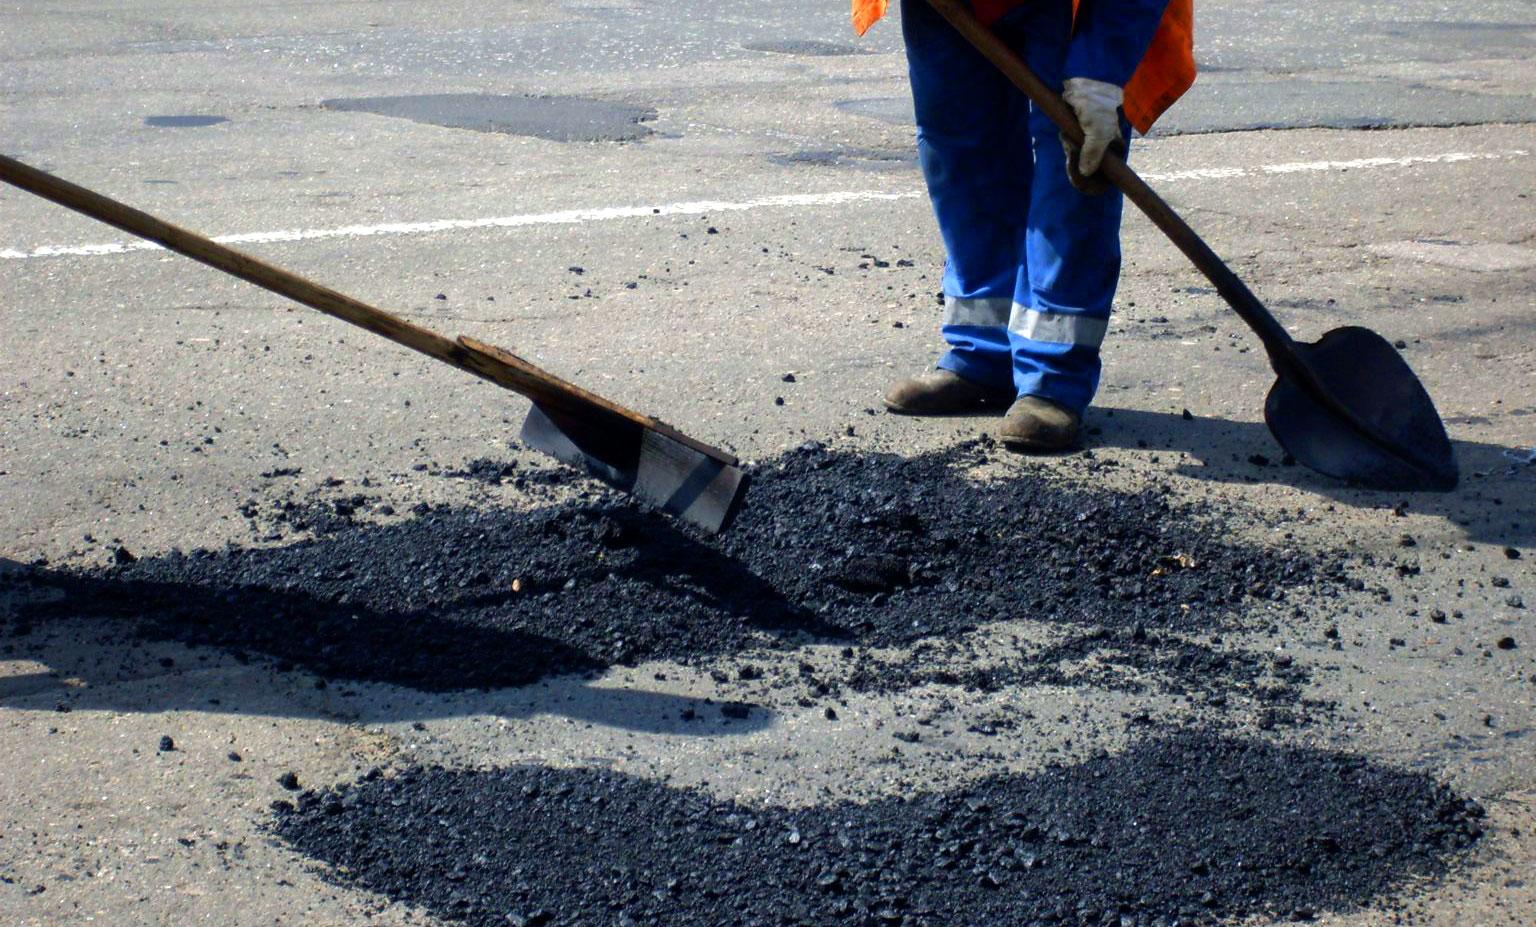 В столице РК раньше обычного приступили к ямочному ремонту дорог